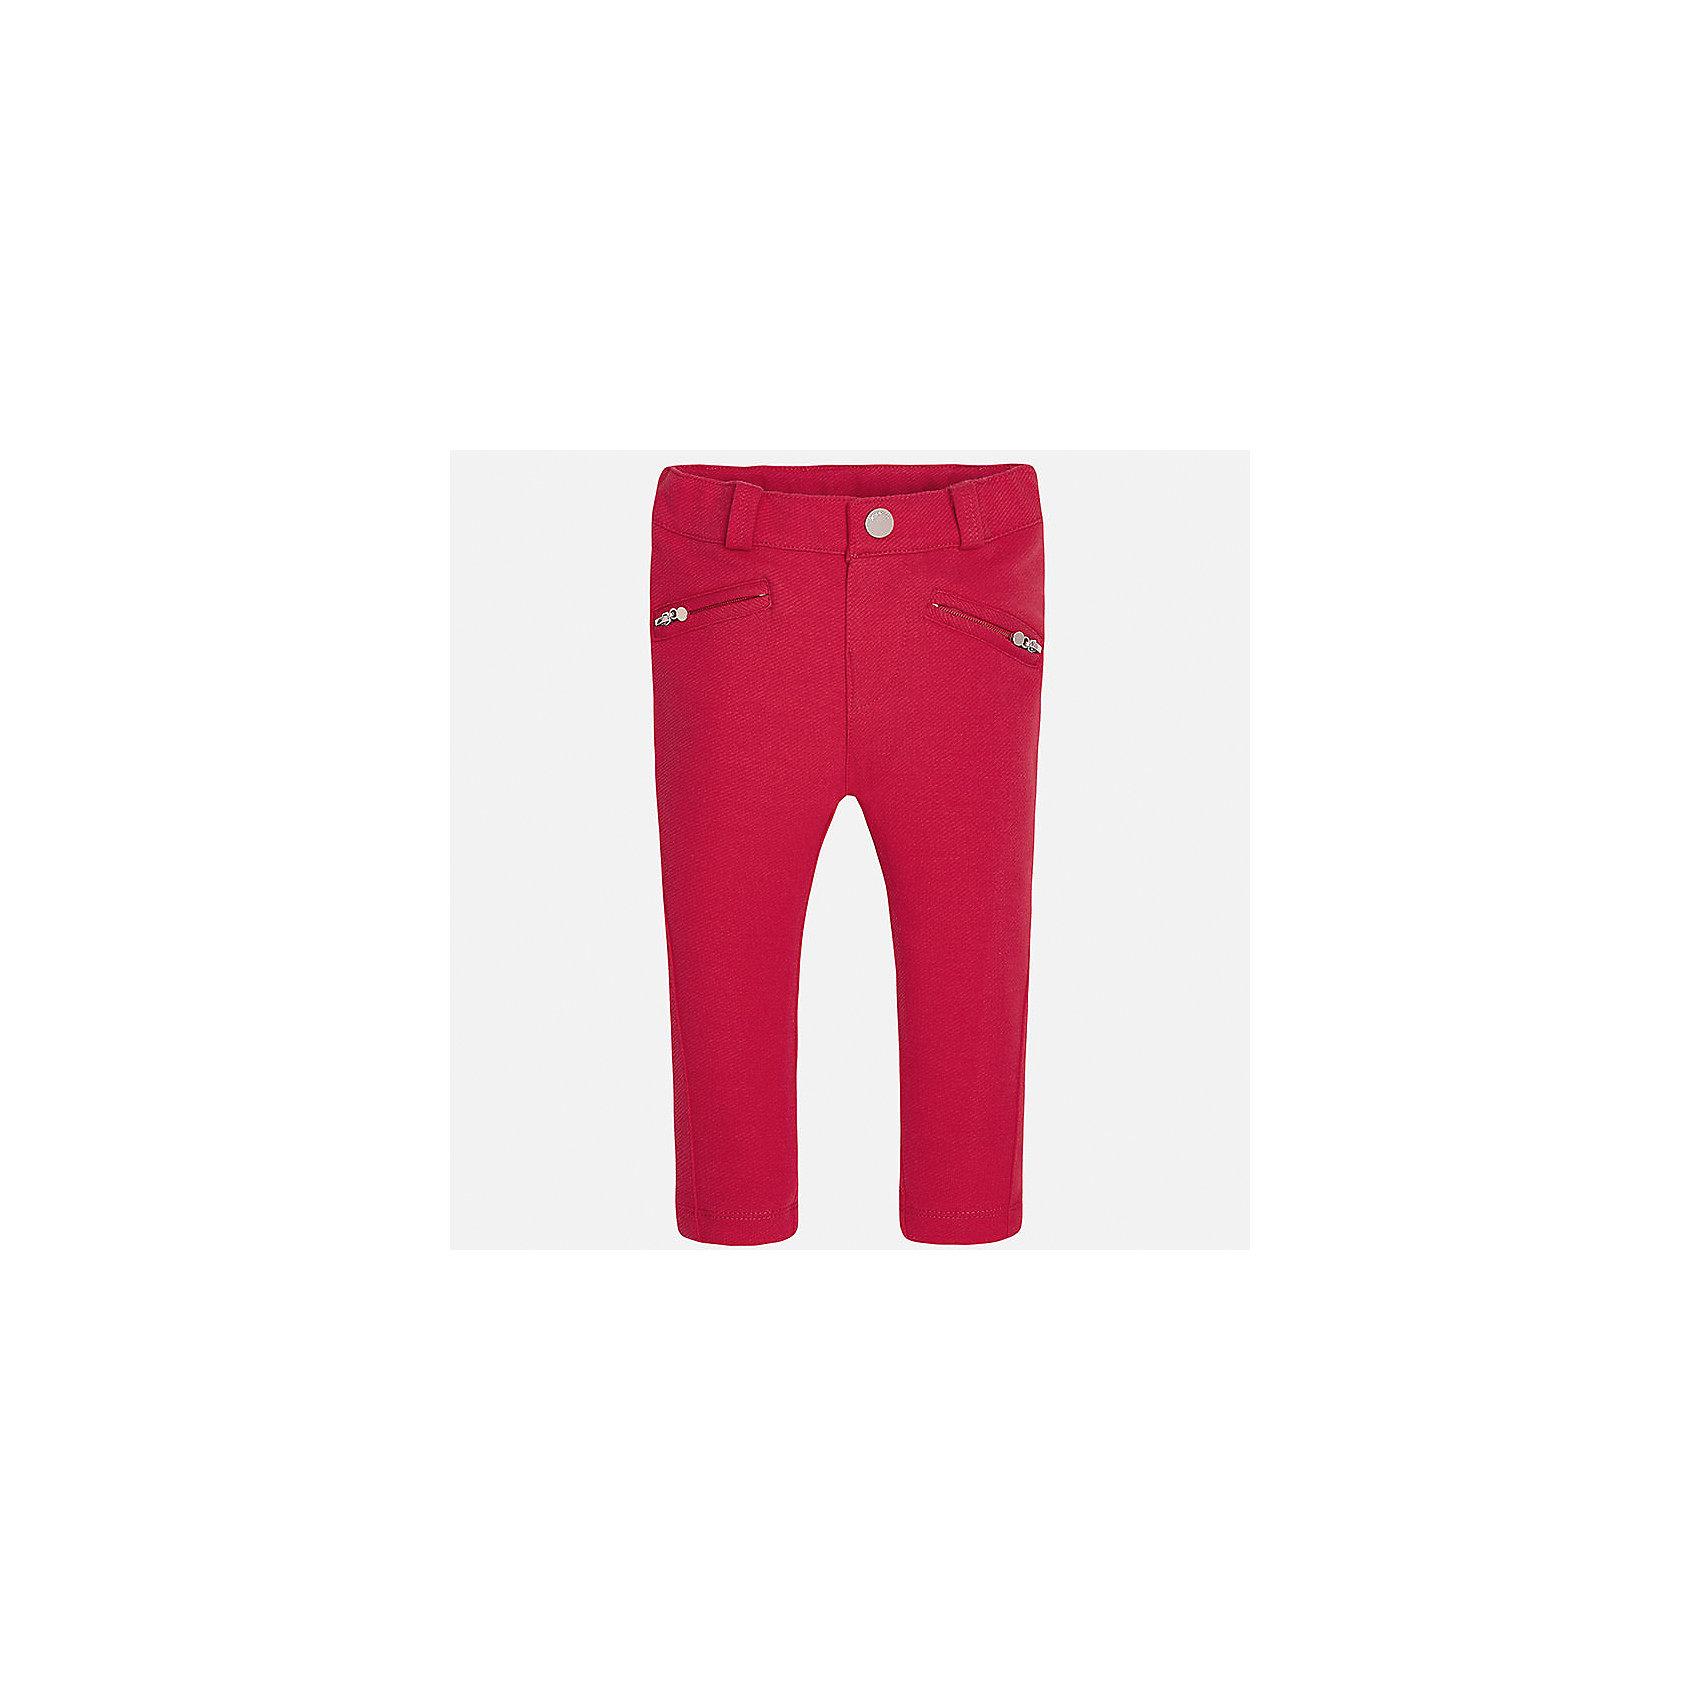 Леггинсы для девочки MayoralКомплекты<br>Характеристики товара:<br><br>• цвет: красный<br>• состав: 62% хлопок, 33% полиэстер, 5% эластан<br>• шлевки<br>• эластичный материал<br>• карманы<br>• приятный оттенок<br>• страна бренда: Испания<br><br>Модные леггинсы для девочки смогут разнообразить гардероб ребенка и украсить наряд. Они отлично сочетаются с майками, футболками, блузками. Красивый оттенок позволяет подобрать к вещи верх разных расцветок. В составе материала - натуральный хлопок, гипоаллергенный, приятный на ощупь, дышащий. Леггинсы отлично сидят и не стесняют движения.<br><br>Одежда, обувь и аксессуары от испанского бренда Mayoral полюбились детям и взрослым по всему миру. Модели этой марки - стильные и удобные. Для их производства используются только безопасные, качественные материалы и фурнитура. Порадуйте ребенка модными и красивыми вещами от Mayoral! <br><br>Леггинсы для девочки от испанского бренда Mayoral (Майорал) можно купить в нашем интернет-магазине.<br><br>Ширина мм: 123<br>Глубина мм: 10<br>Высота мм: 149<br>Вес г: 209<br>Цвет: красный<br>Возраст от месяцев: 18<br>Возраст до месяцев: 24<br>Пол: Мужской<br>Возраст: Детский<br>Размер: 92,62,74,68,80,86<br>SKU: 4070440